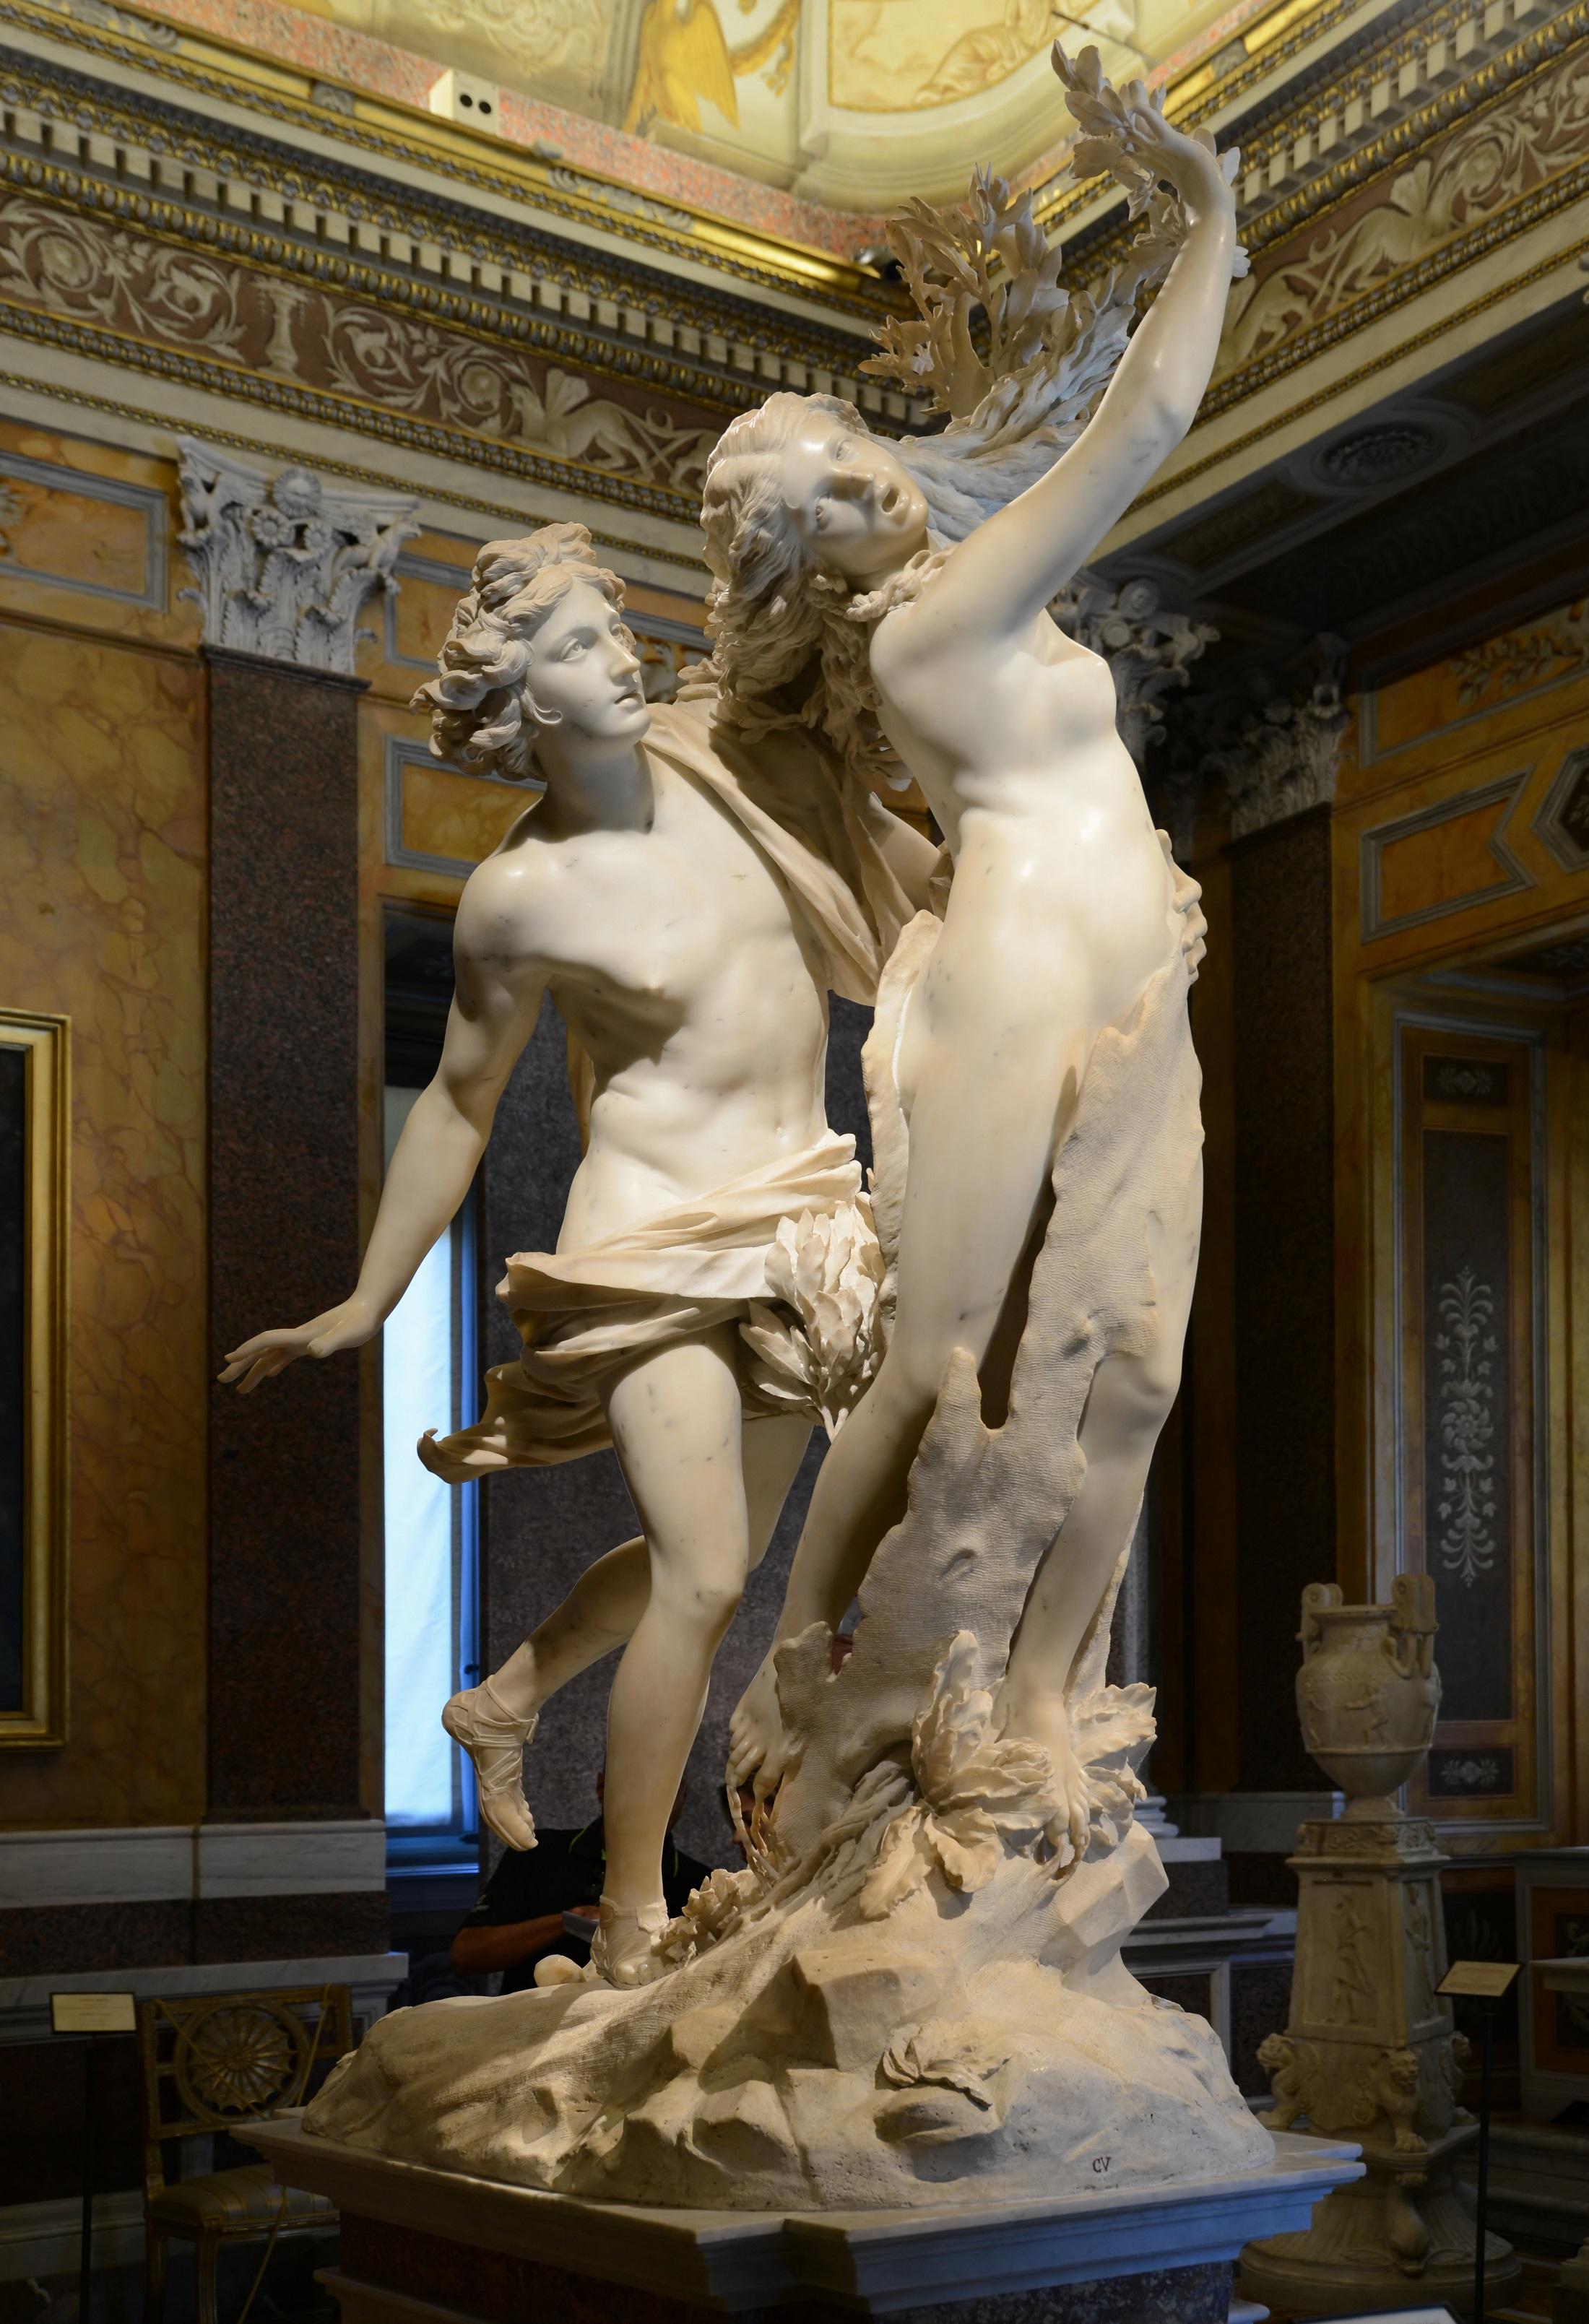 Apollo & Daphne - Borghese Gallery (rome)